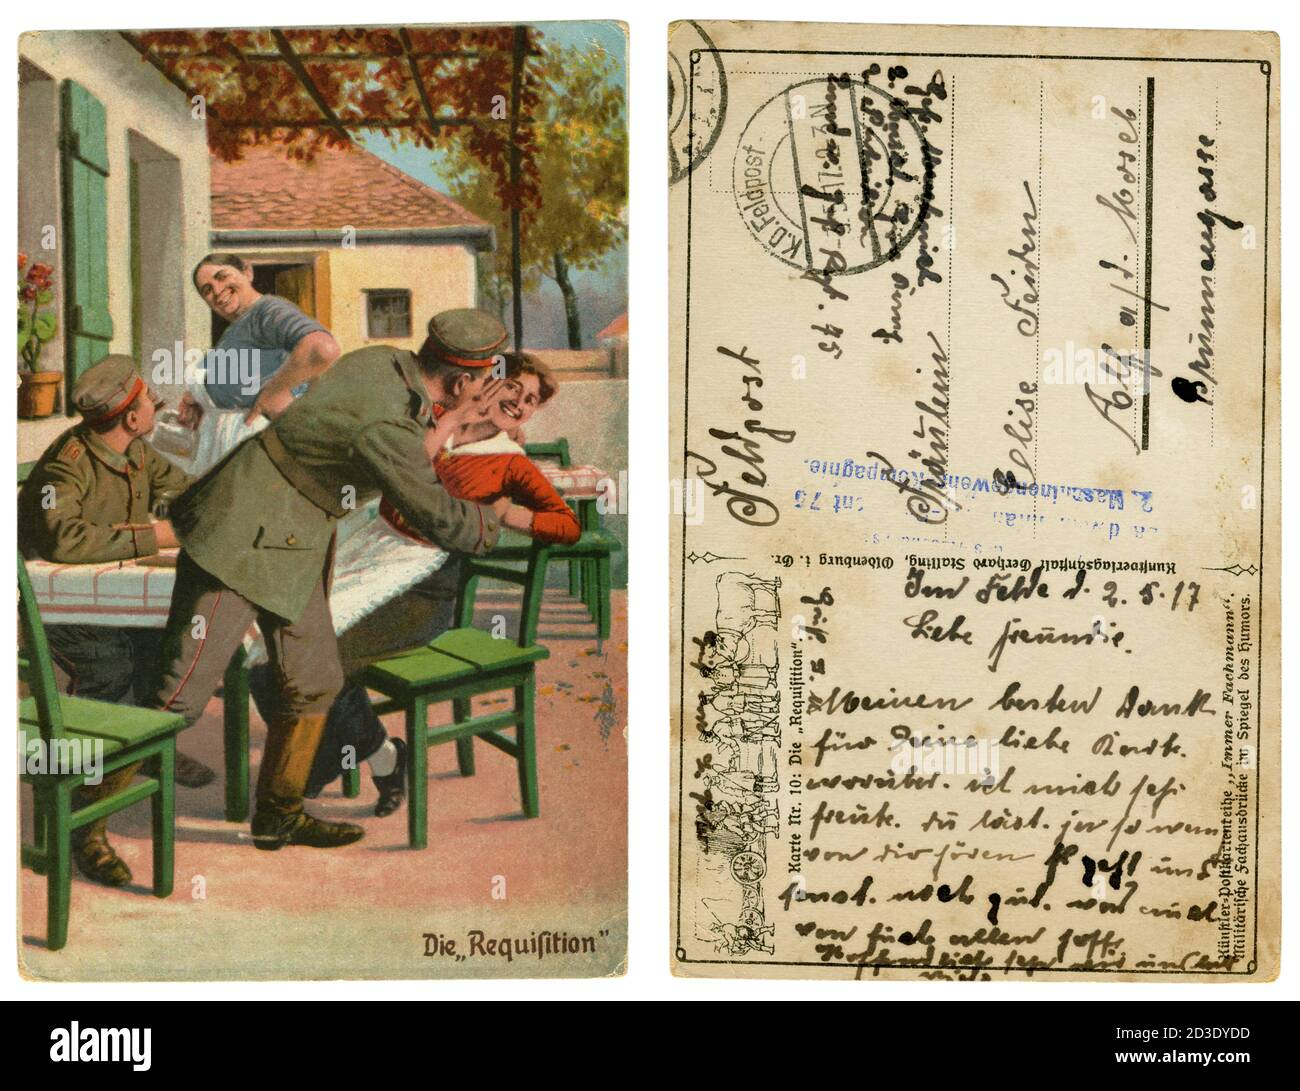 Cartolina storica tedesca: Umorismo militare, 'Requisition' un soldato 'Requisitiong' una giovane donna di un caffè estivo, guerra mondiale uno 1914-1918, inverso Foto Stock